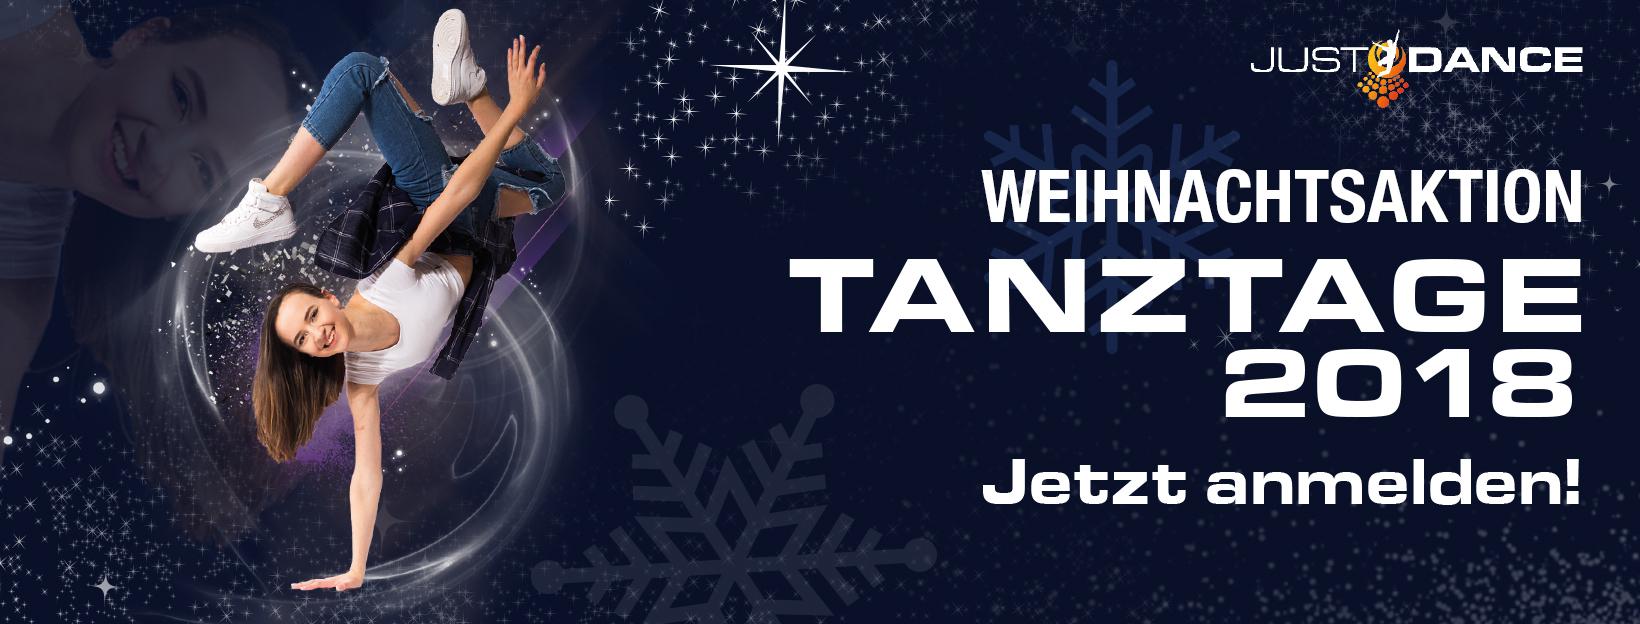 Tanztage 2018 - Start der Weihnachtsaktion - Tanztage